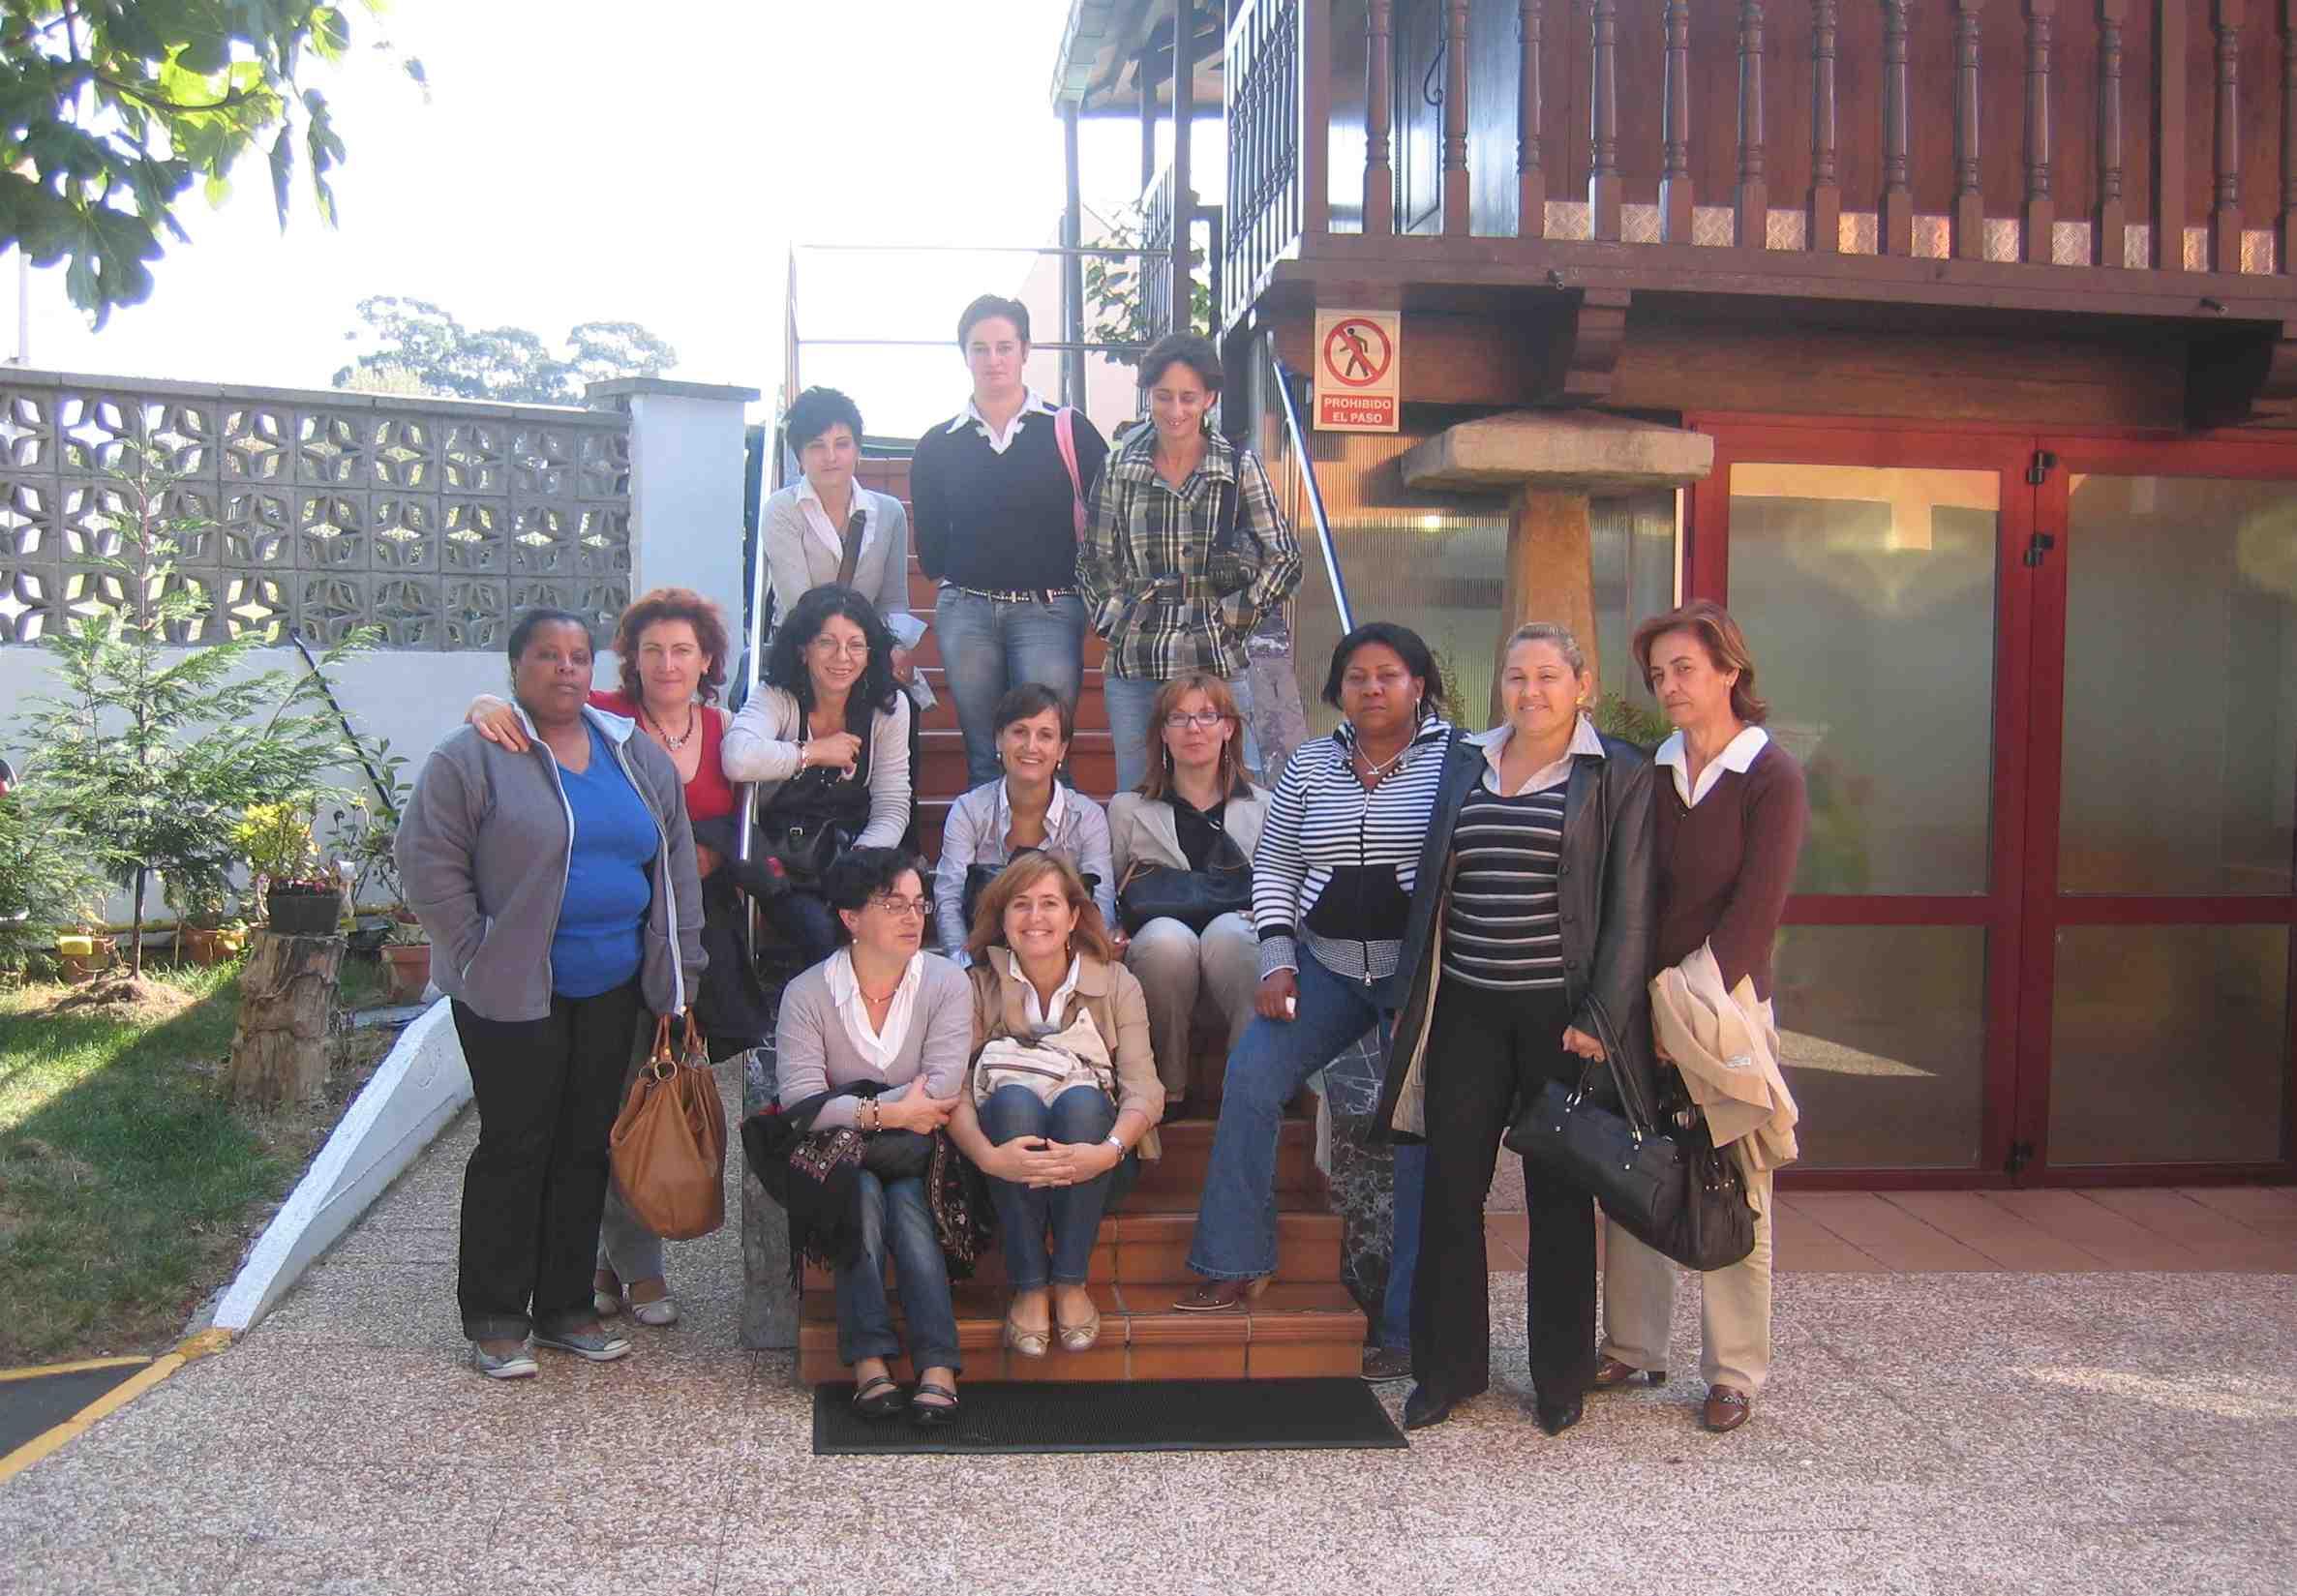 Desde el año 2006 Residencia Covadonga colabora con el Ayuntamiento de Nava en las prácticas de los cusos FIP para mostrar a sus participantes el mundo residencial. Agradecer al Ayuntamiento de Nava su interés por el sector.